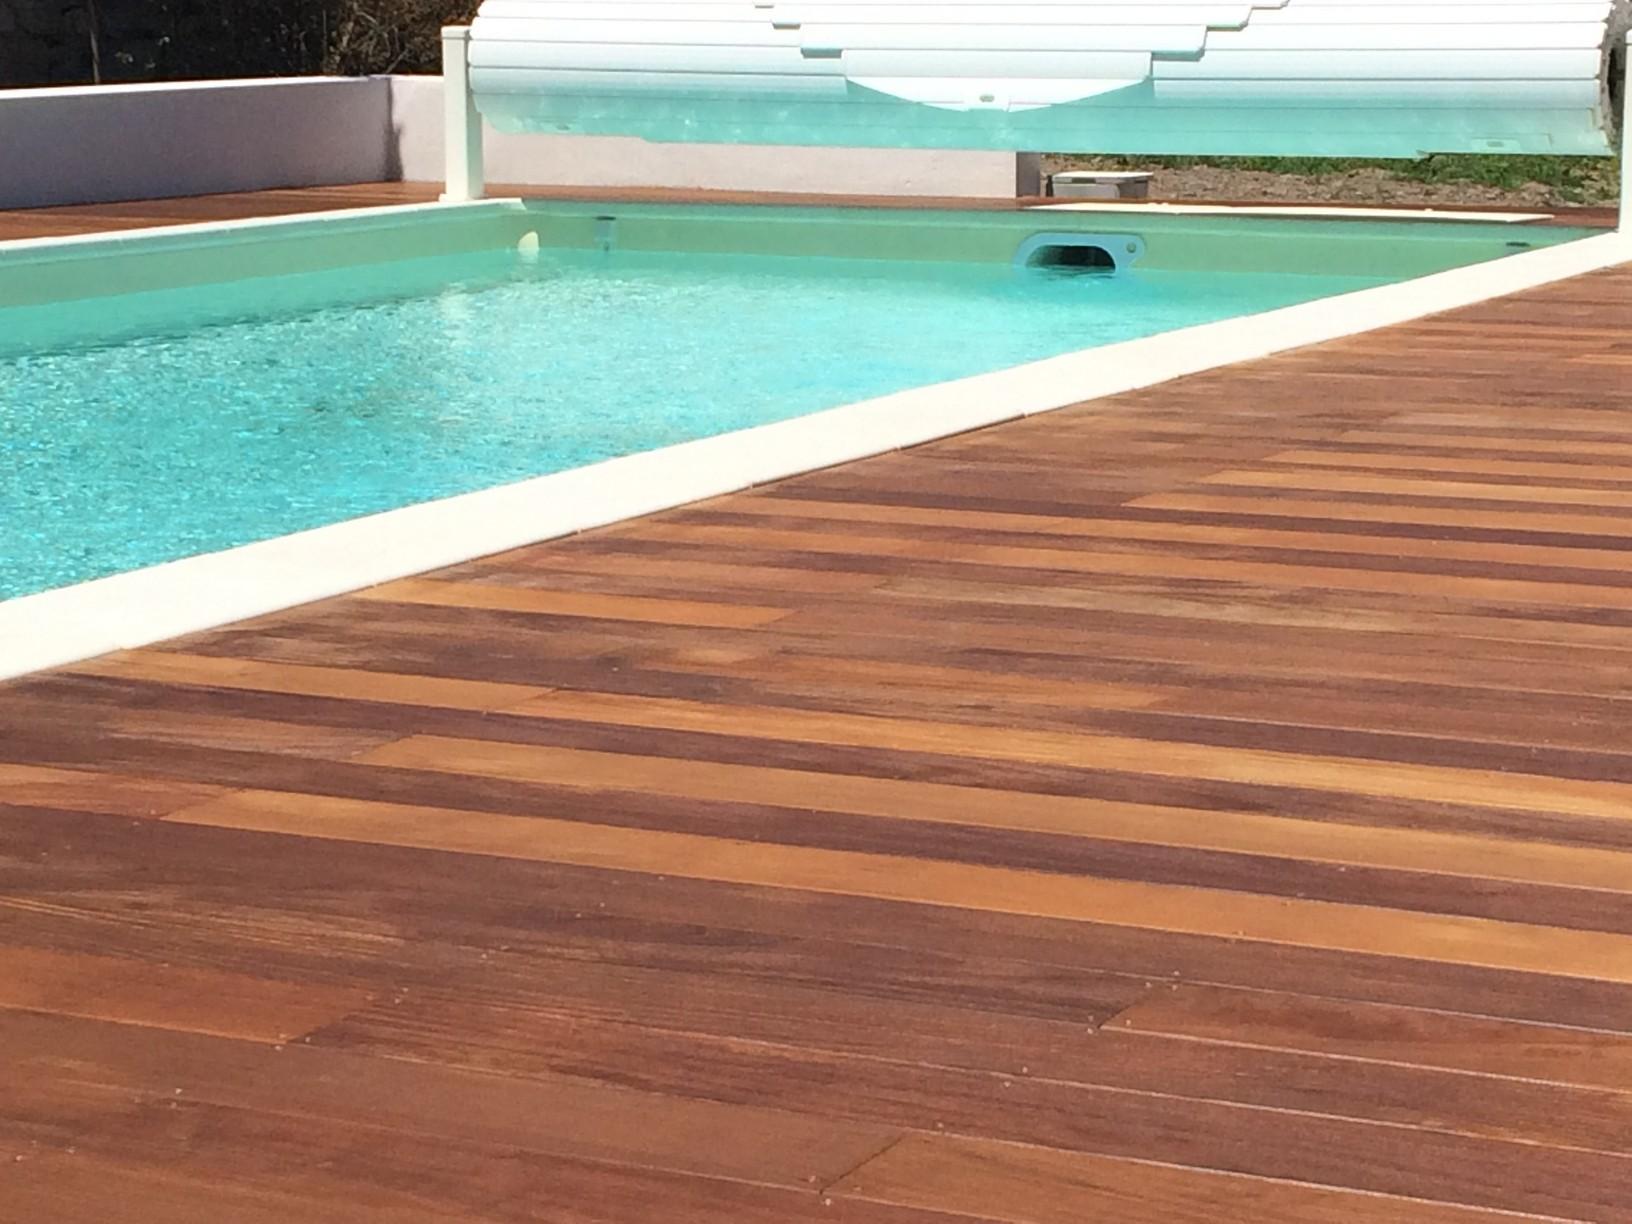 terrasse en ipe sur biarritz 64 plage piscine paysabois bois terrasse landes. Black Bedroom Furniture Sets. Home Design Ideas